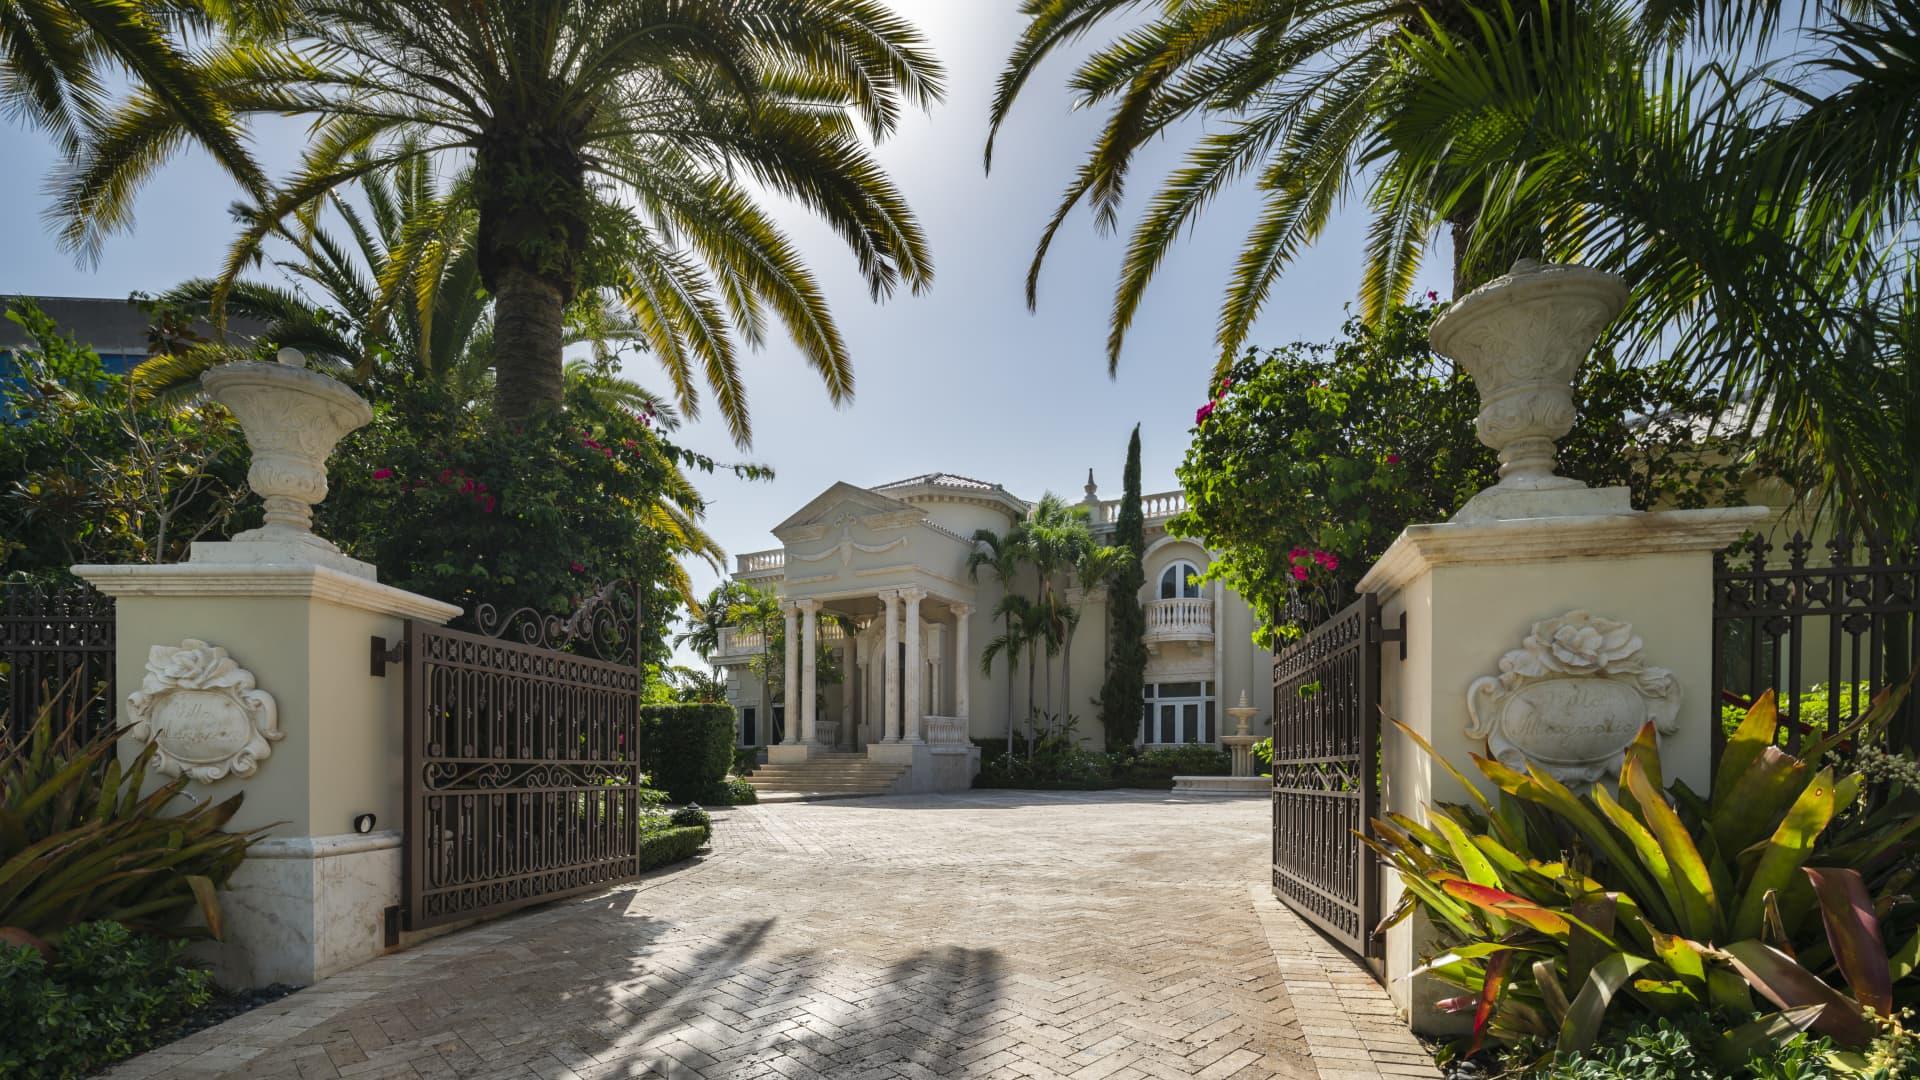 Villa Magnolia's mansion gate and brick driveway.